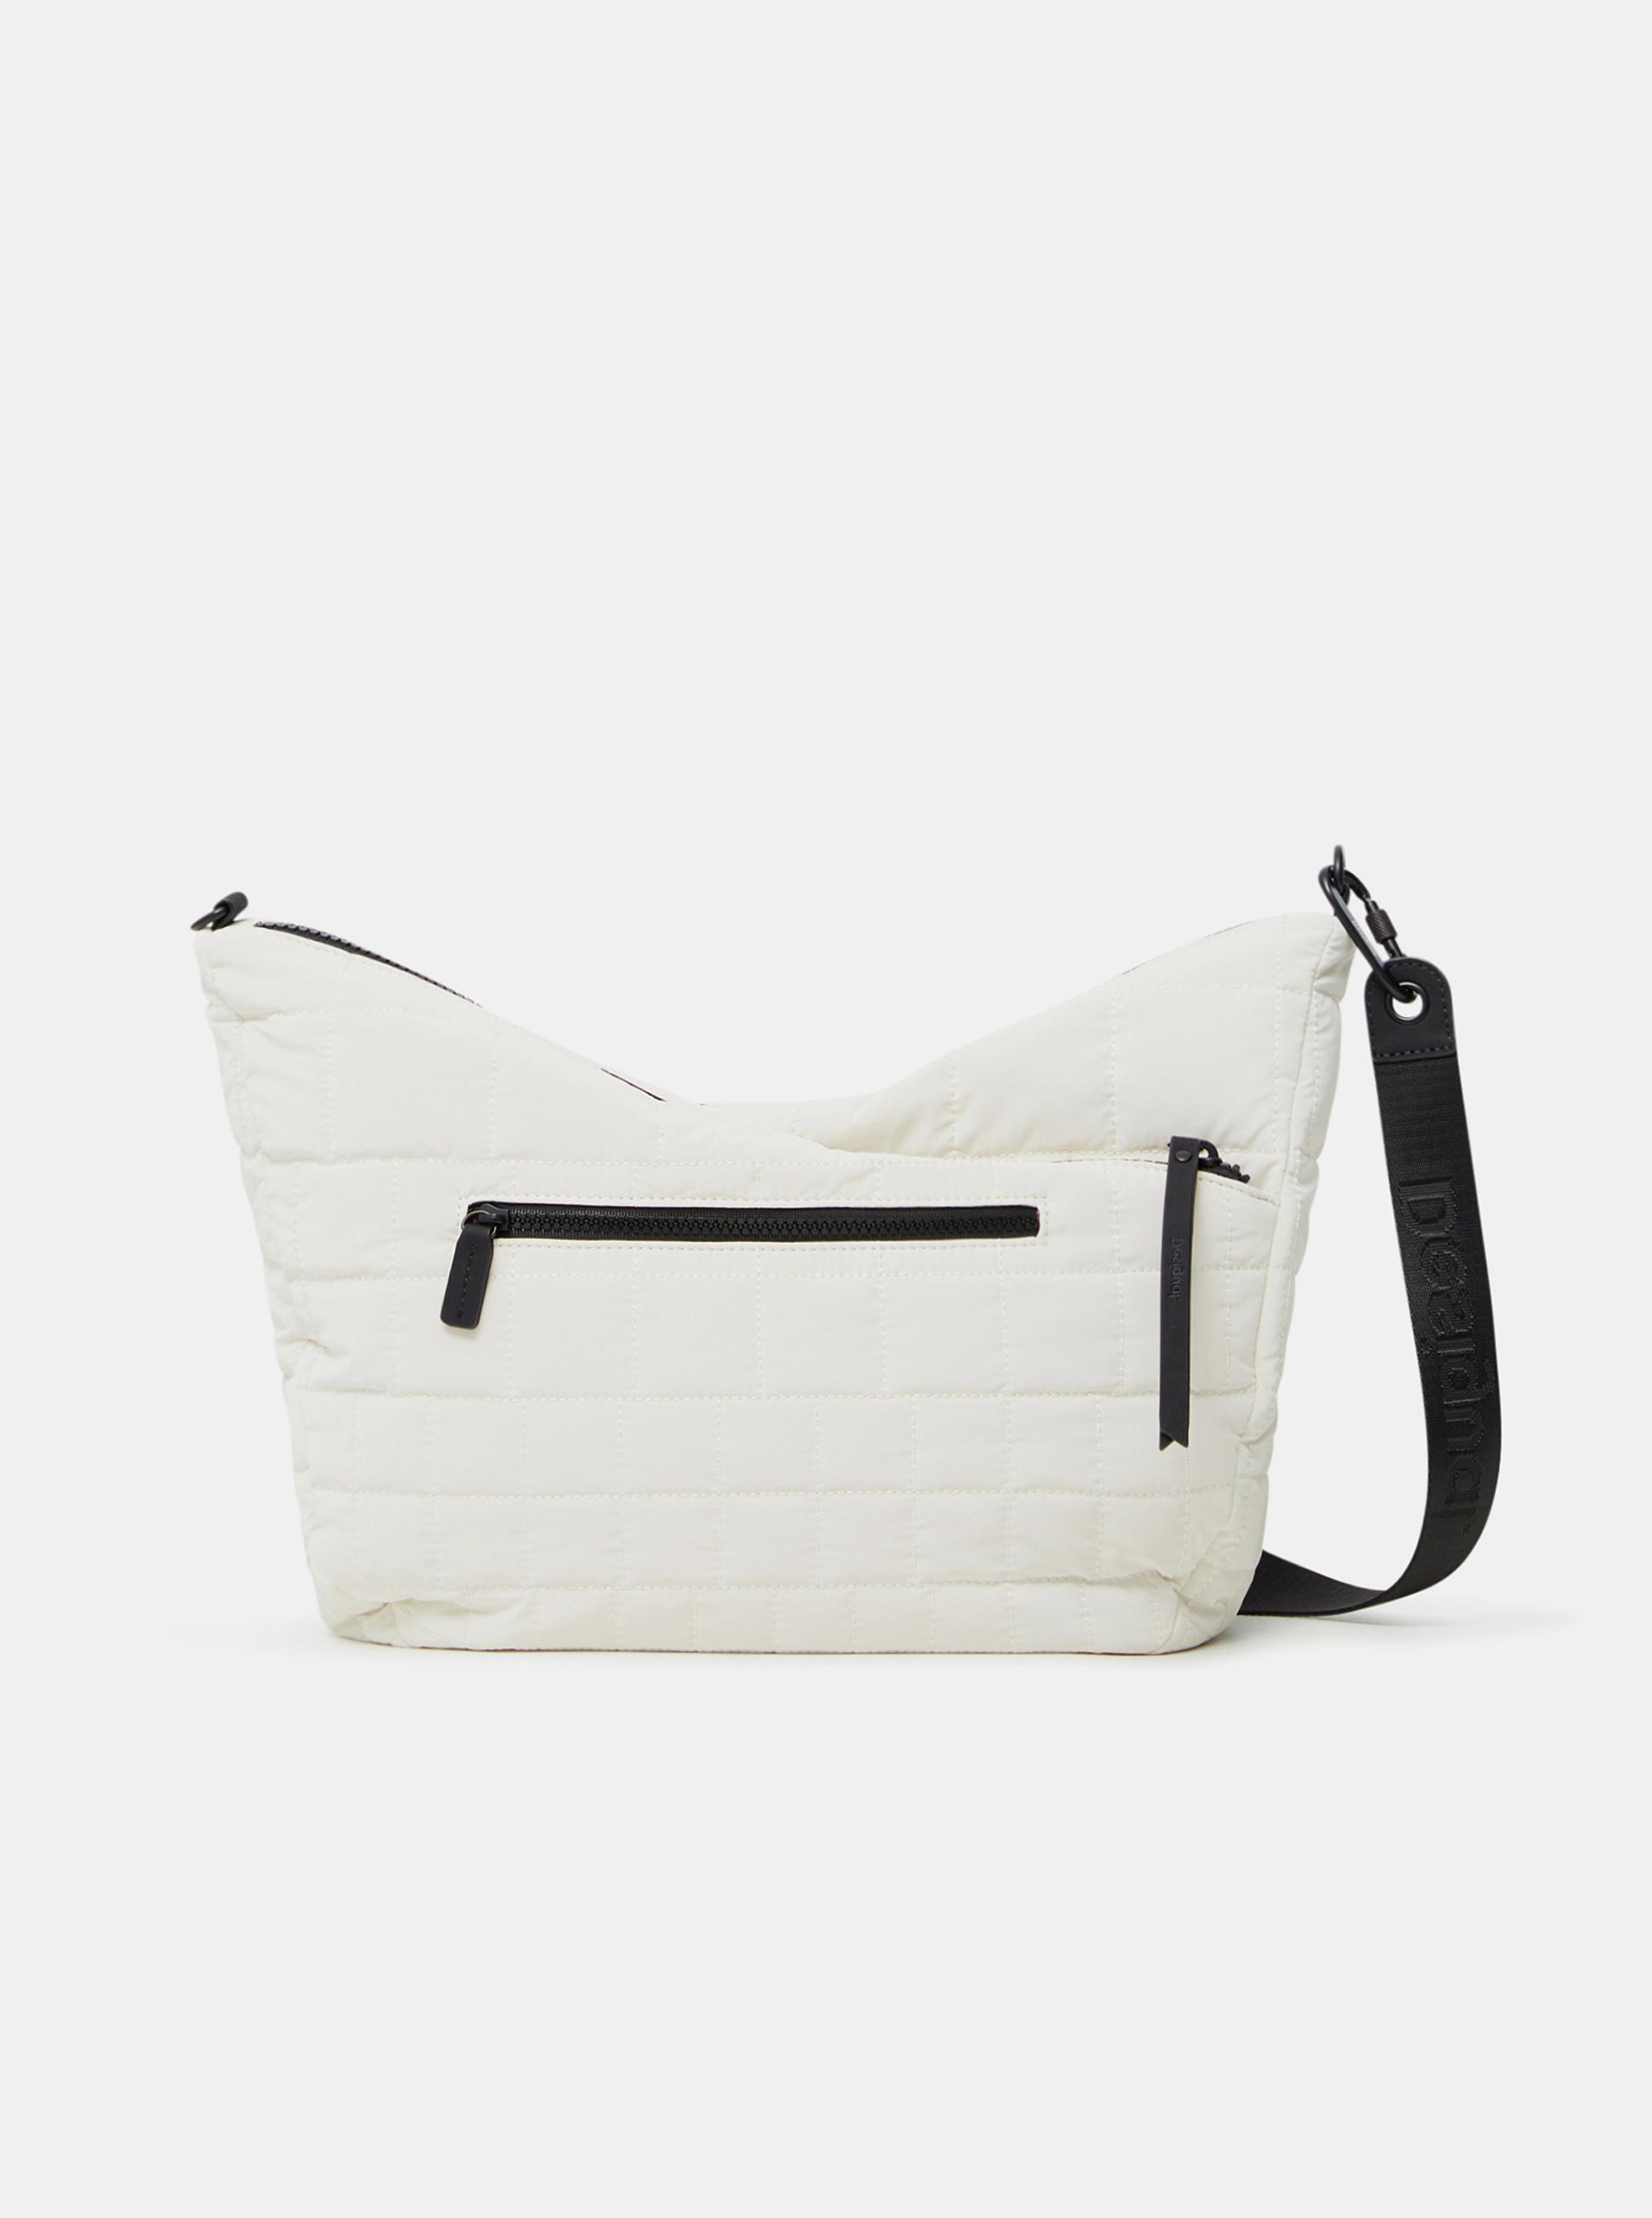 Desigual bianco borsetta COcoa Harry 2.0 Maxy